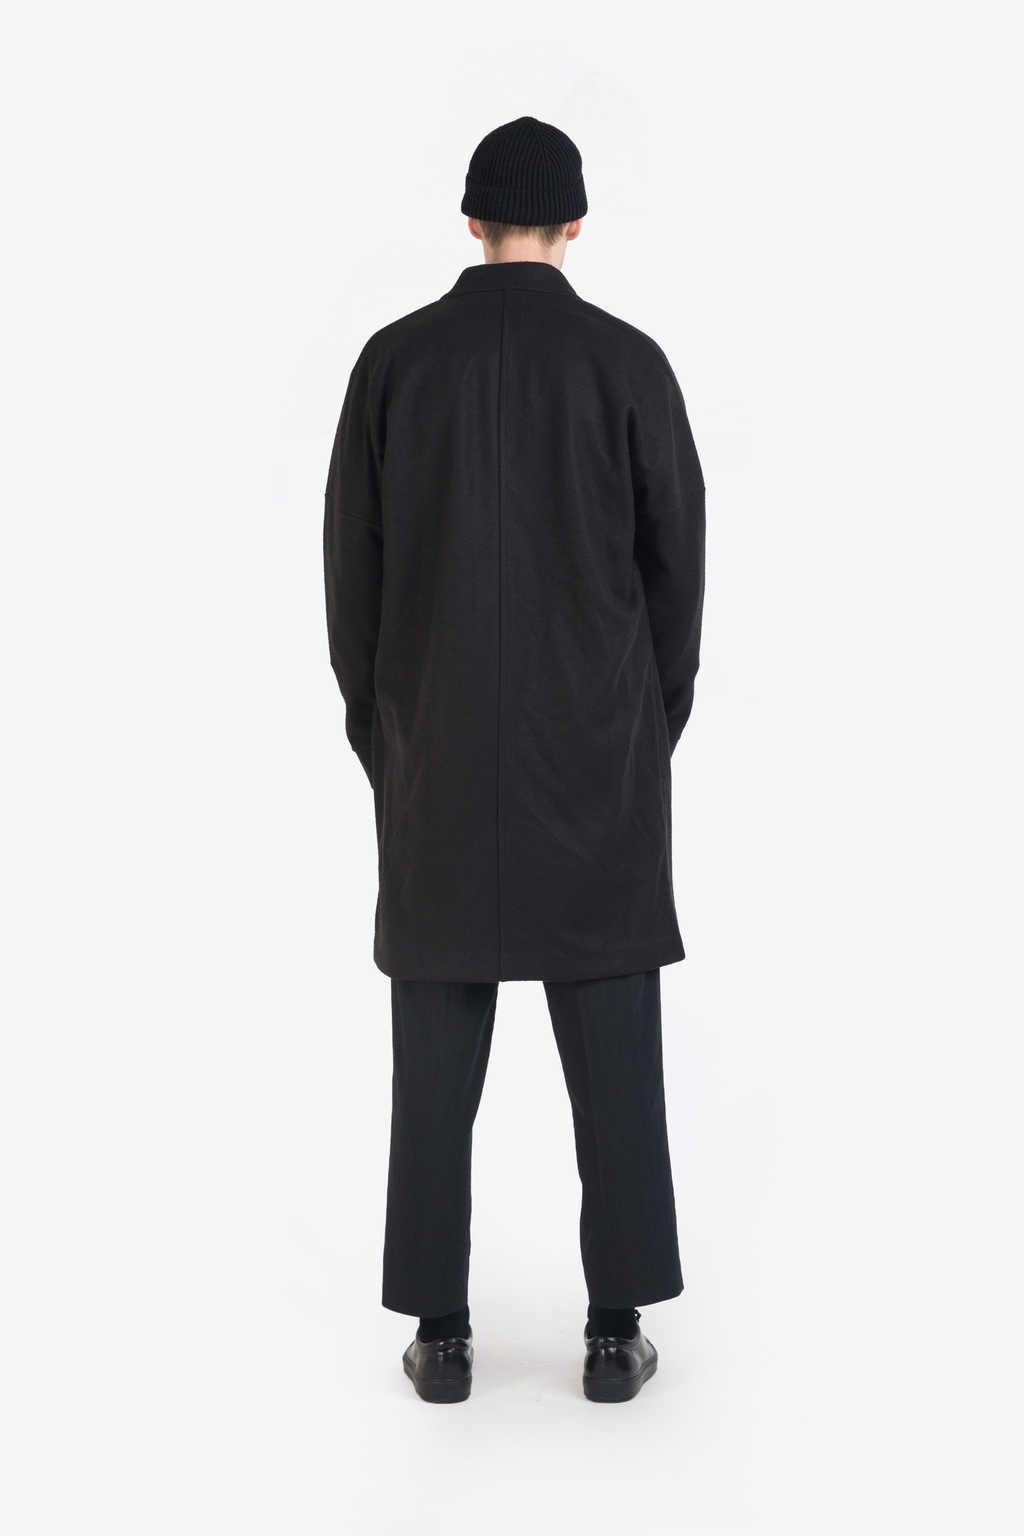 Coat 4132 Black 12